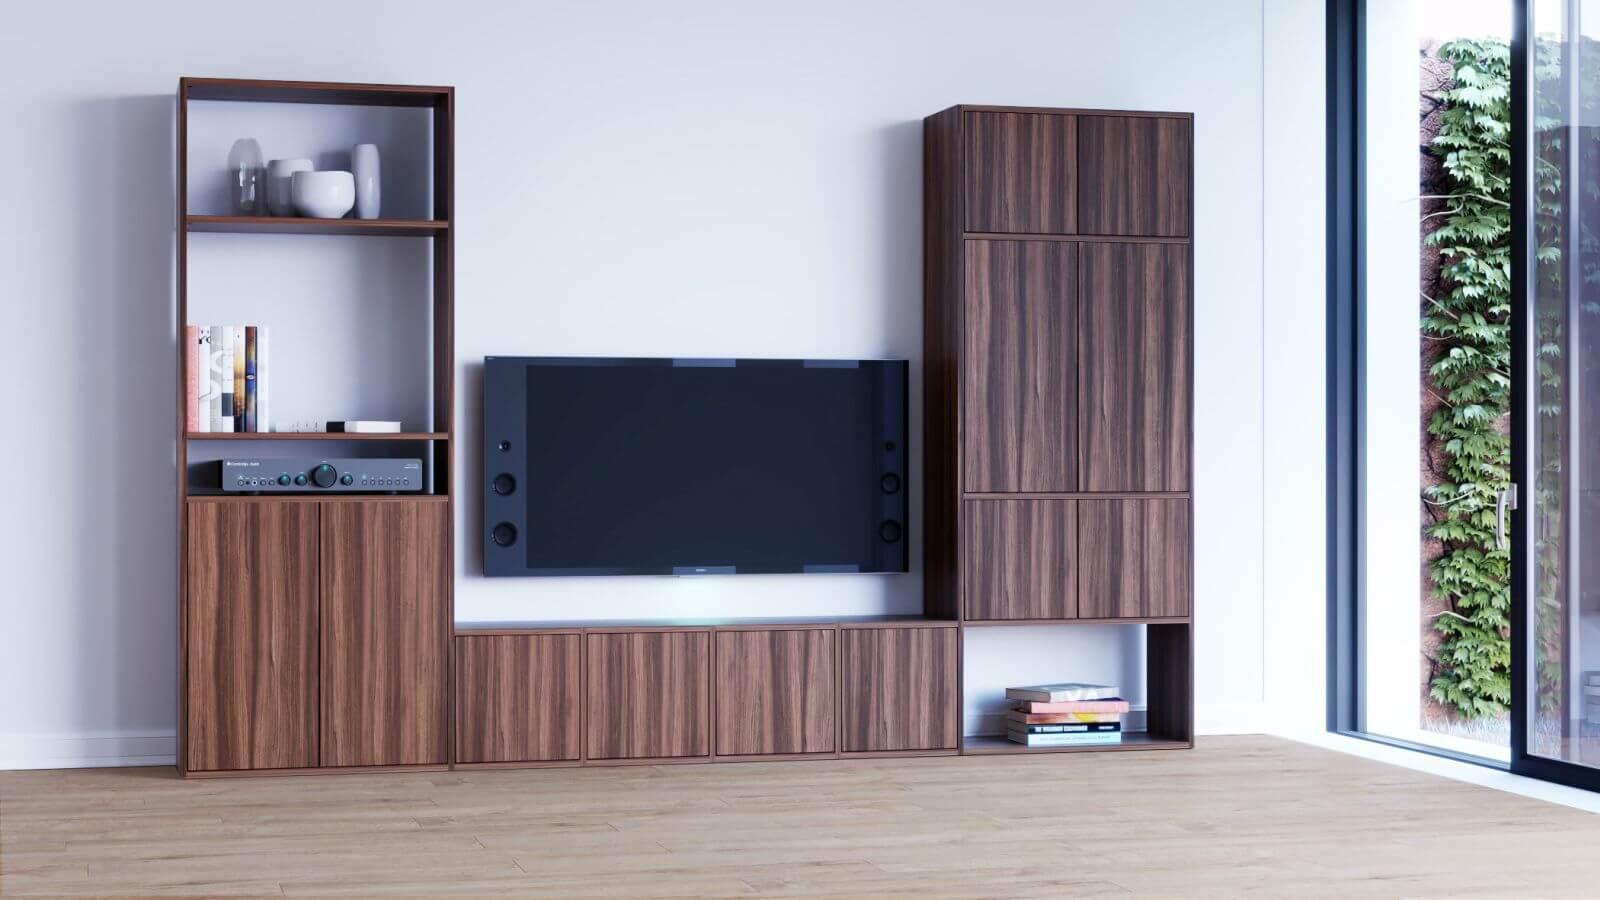 TV-Wohnwand selbst gestalten | Wohnwände bei MYCS